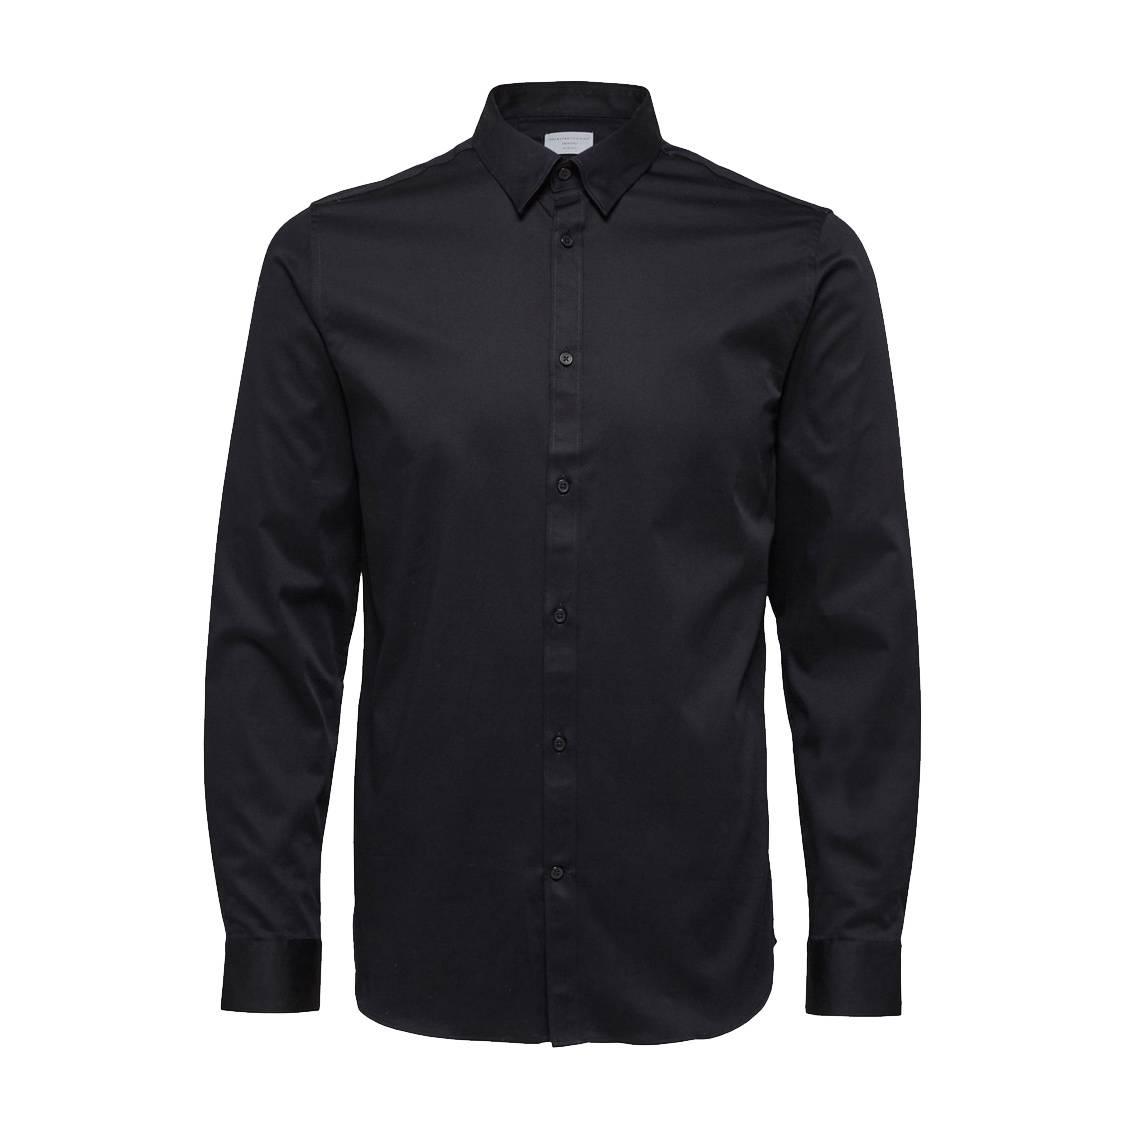 Chemise cintrée  en coton stretch noir, repassage facile